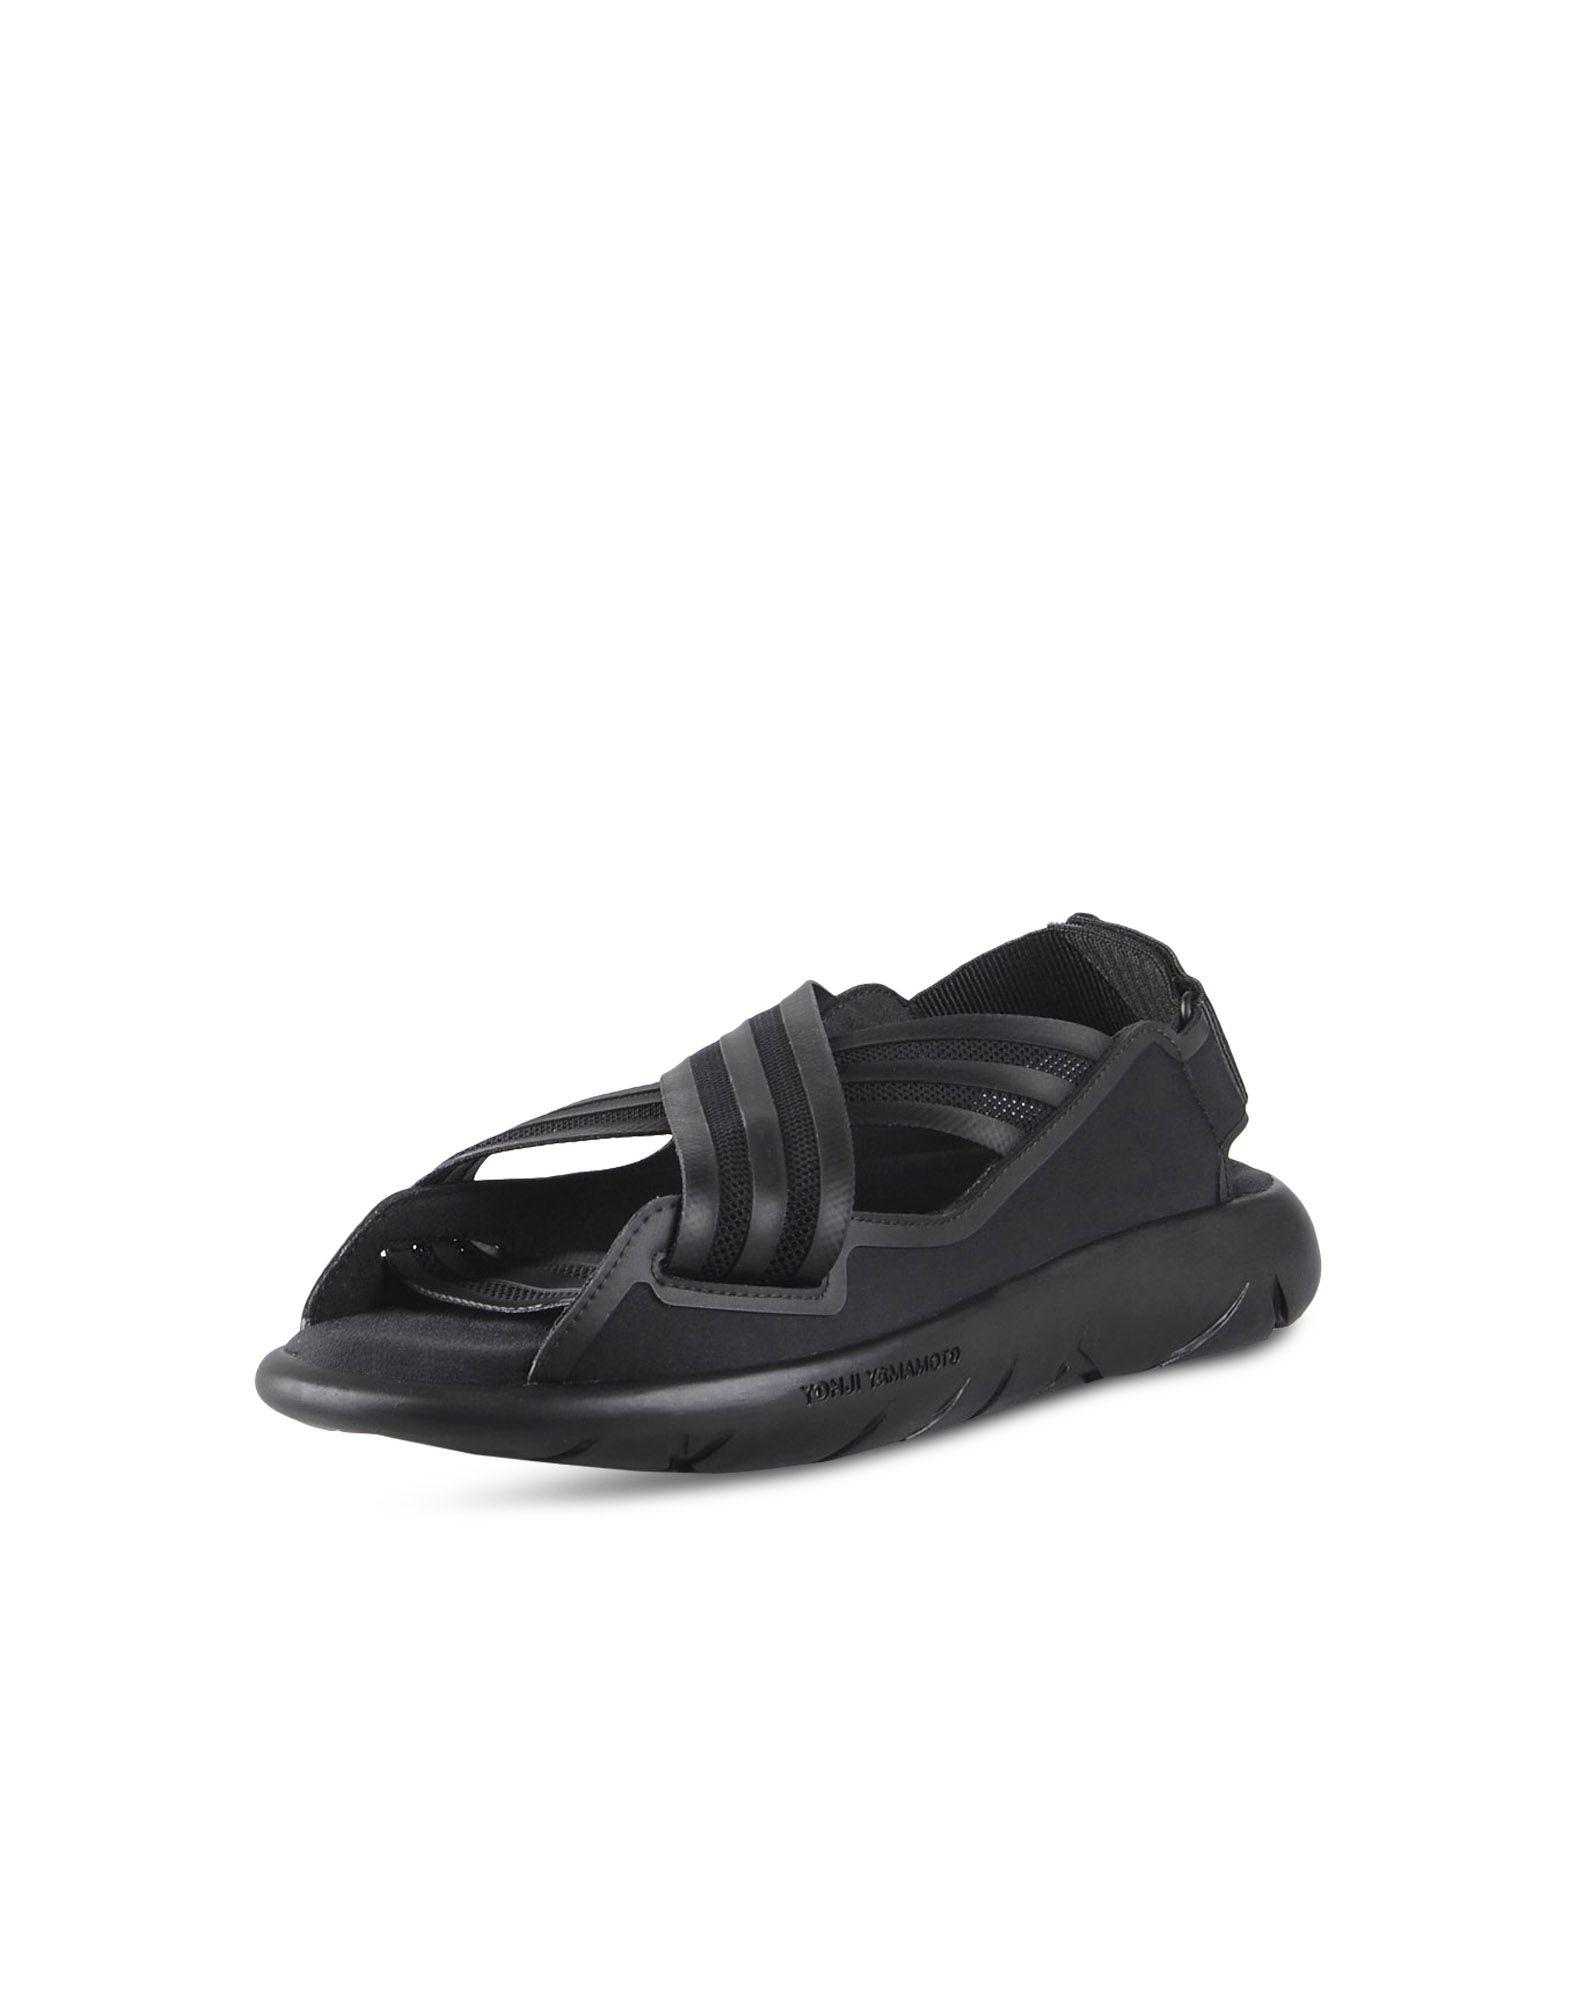 cdef851f4 ... Y-3 Y-3 QASA ELLE SANDAL Sandals Woman ...